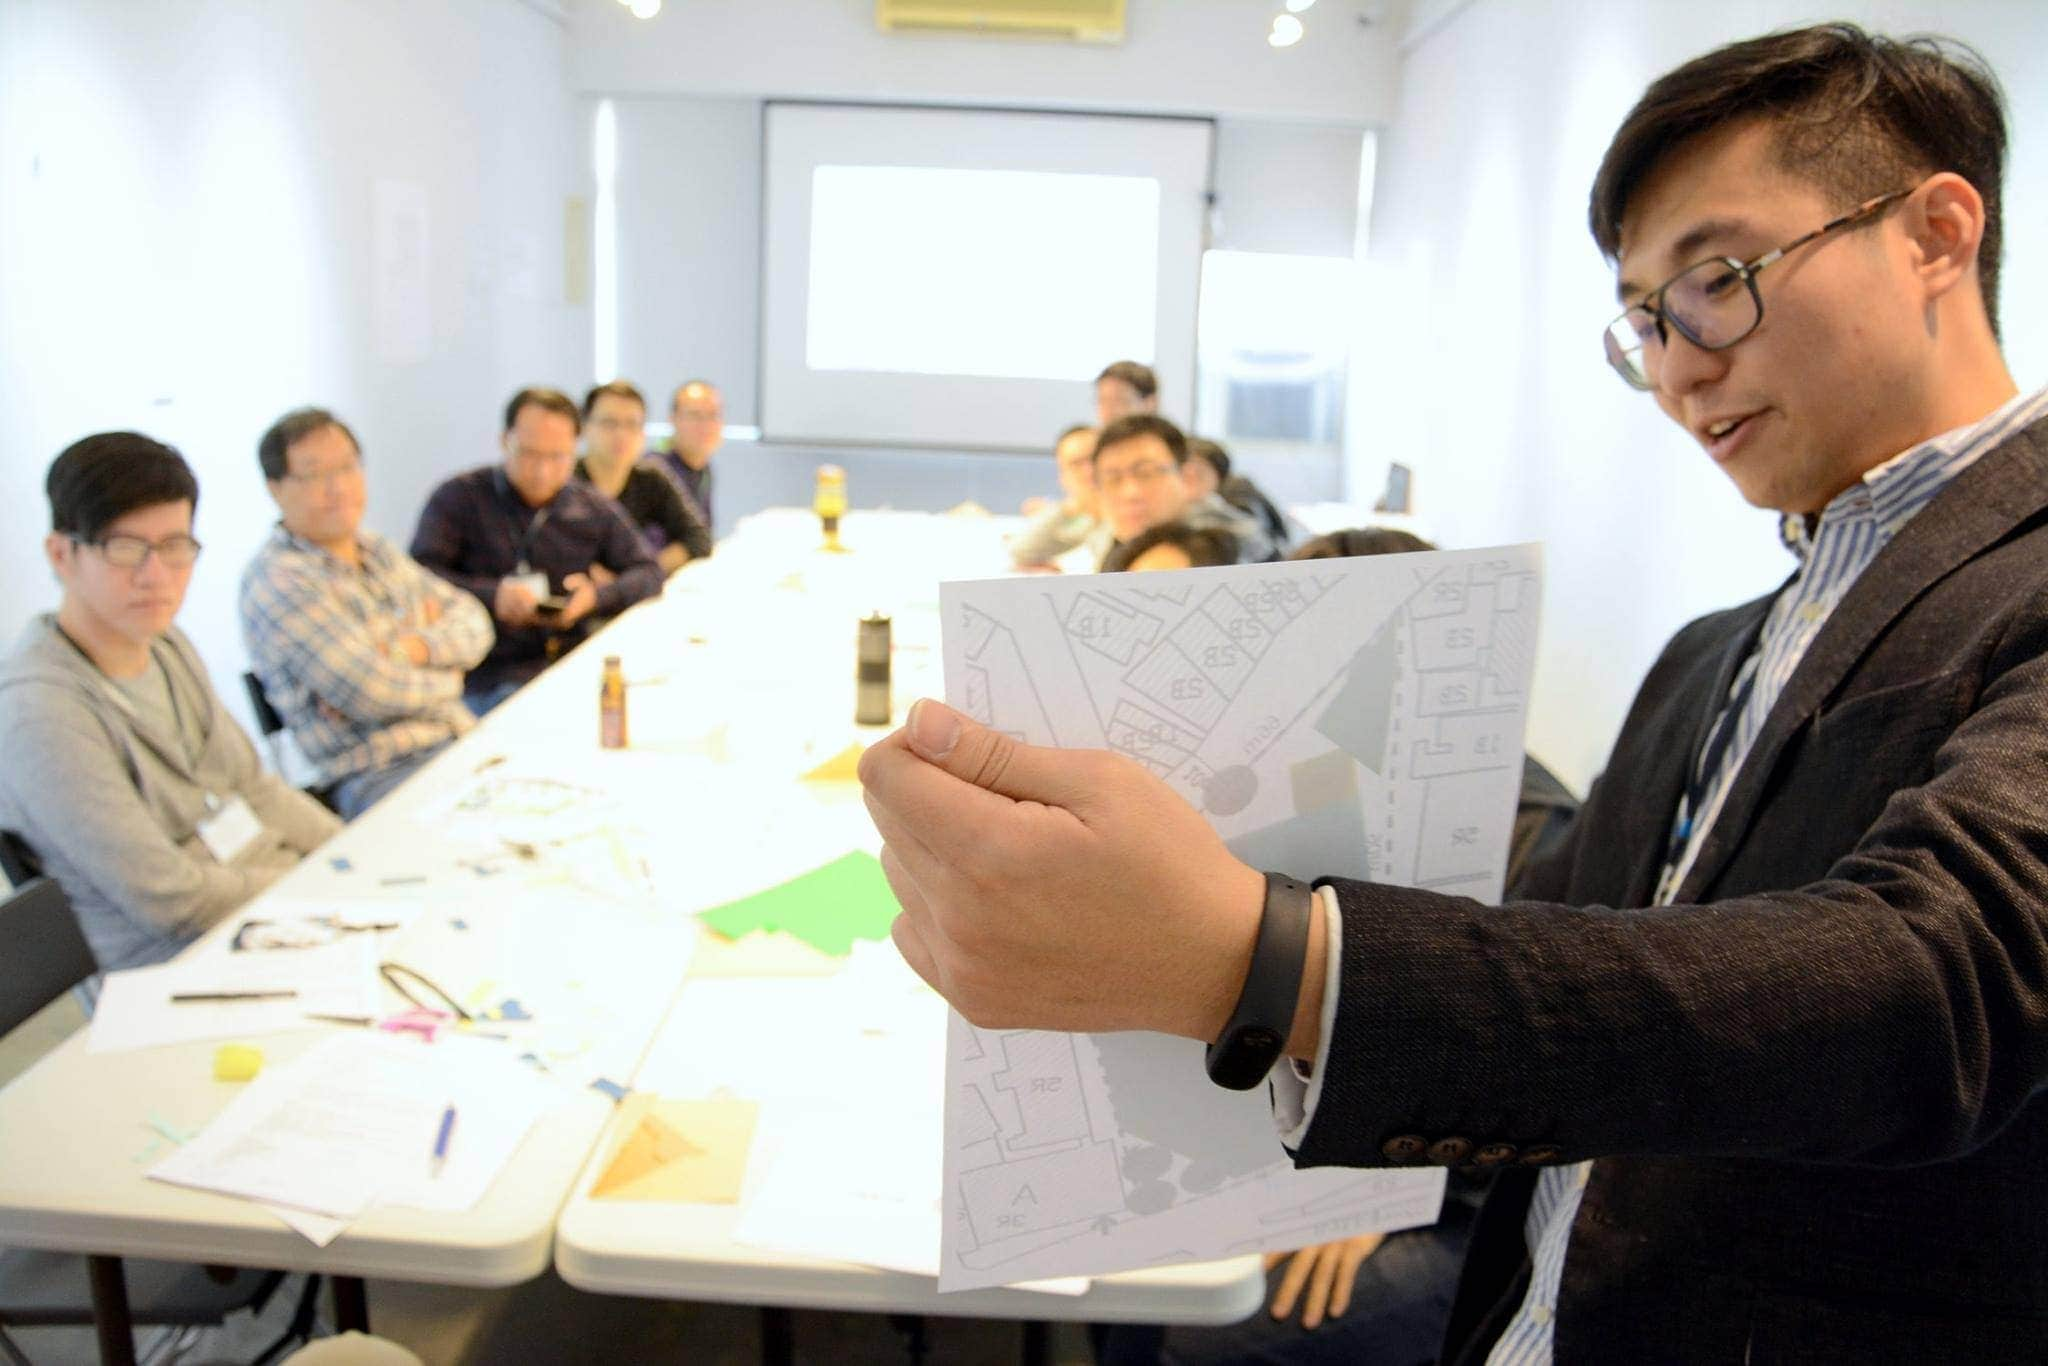 棋奕力-建築設計的快速決策-臺中場 1